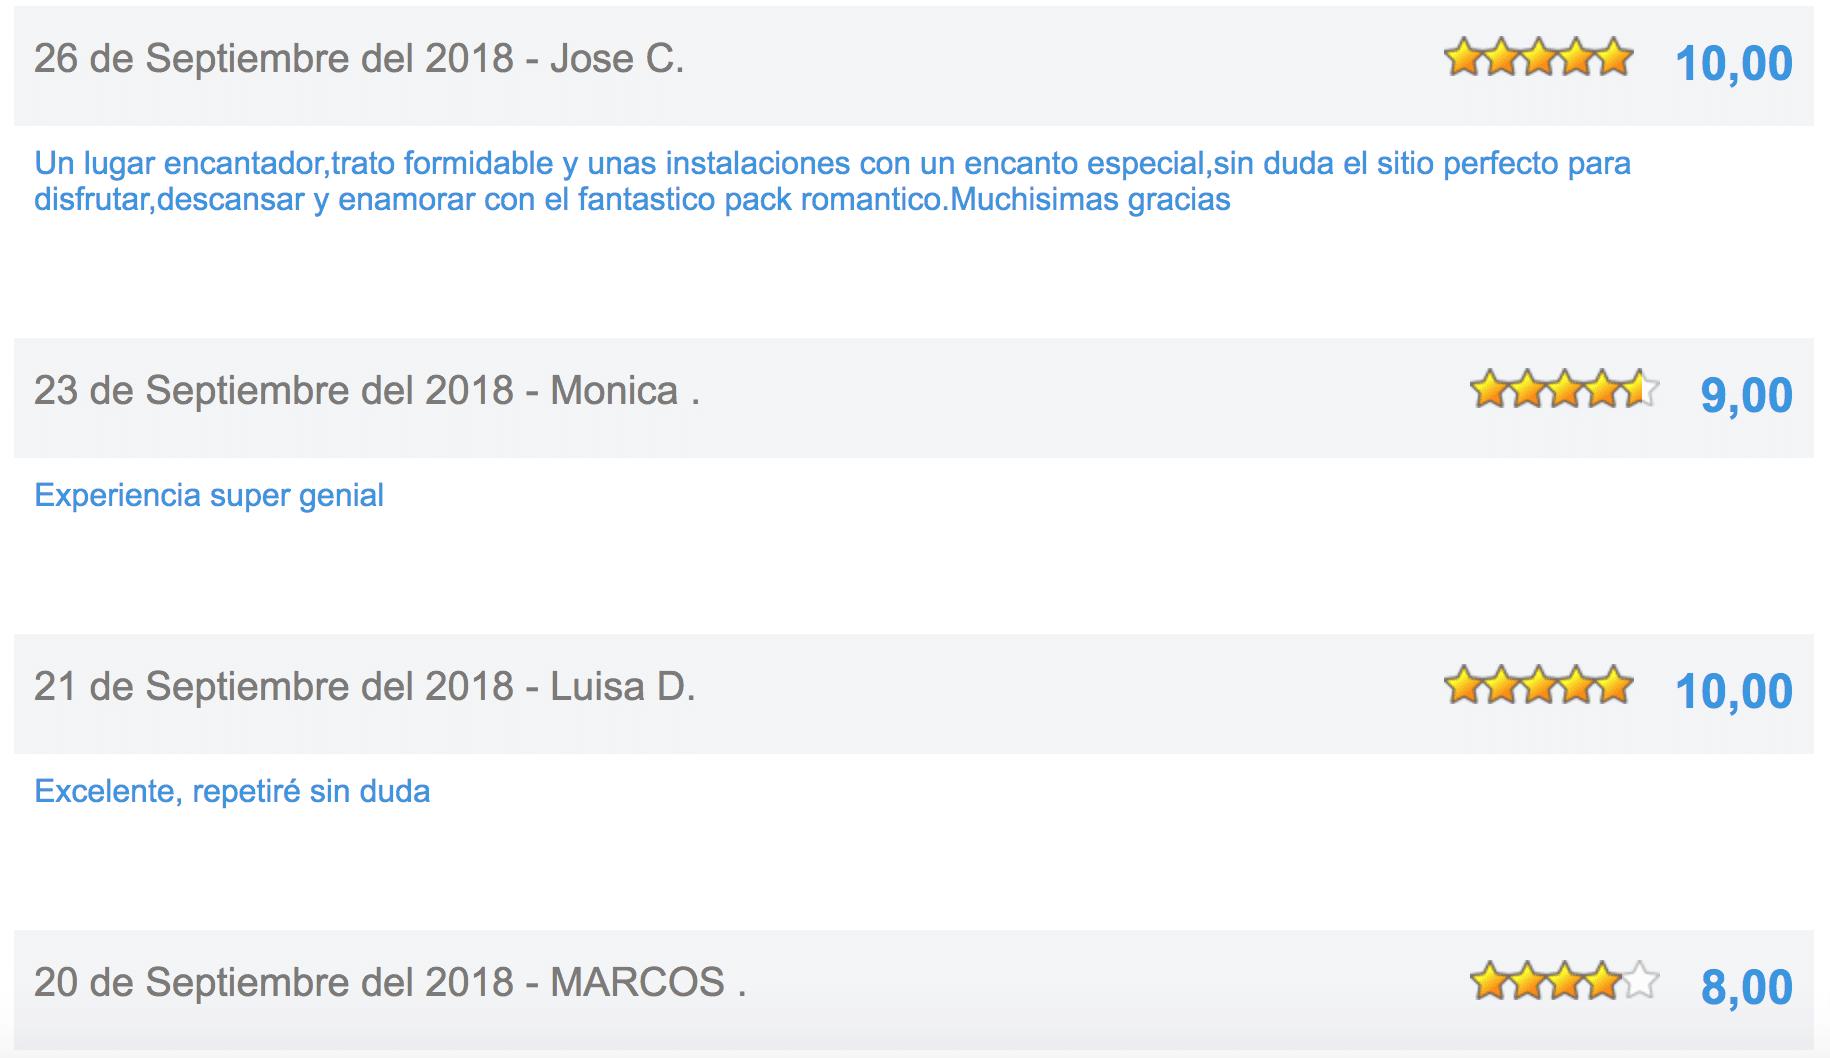 ESCAPADA-SPA-GALICIA